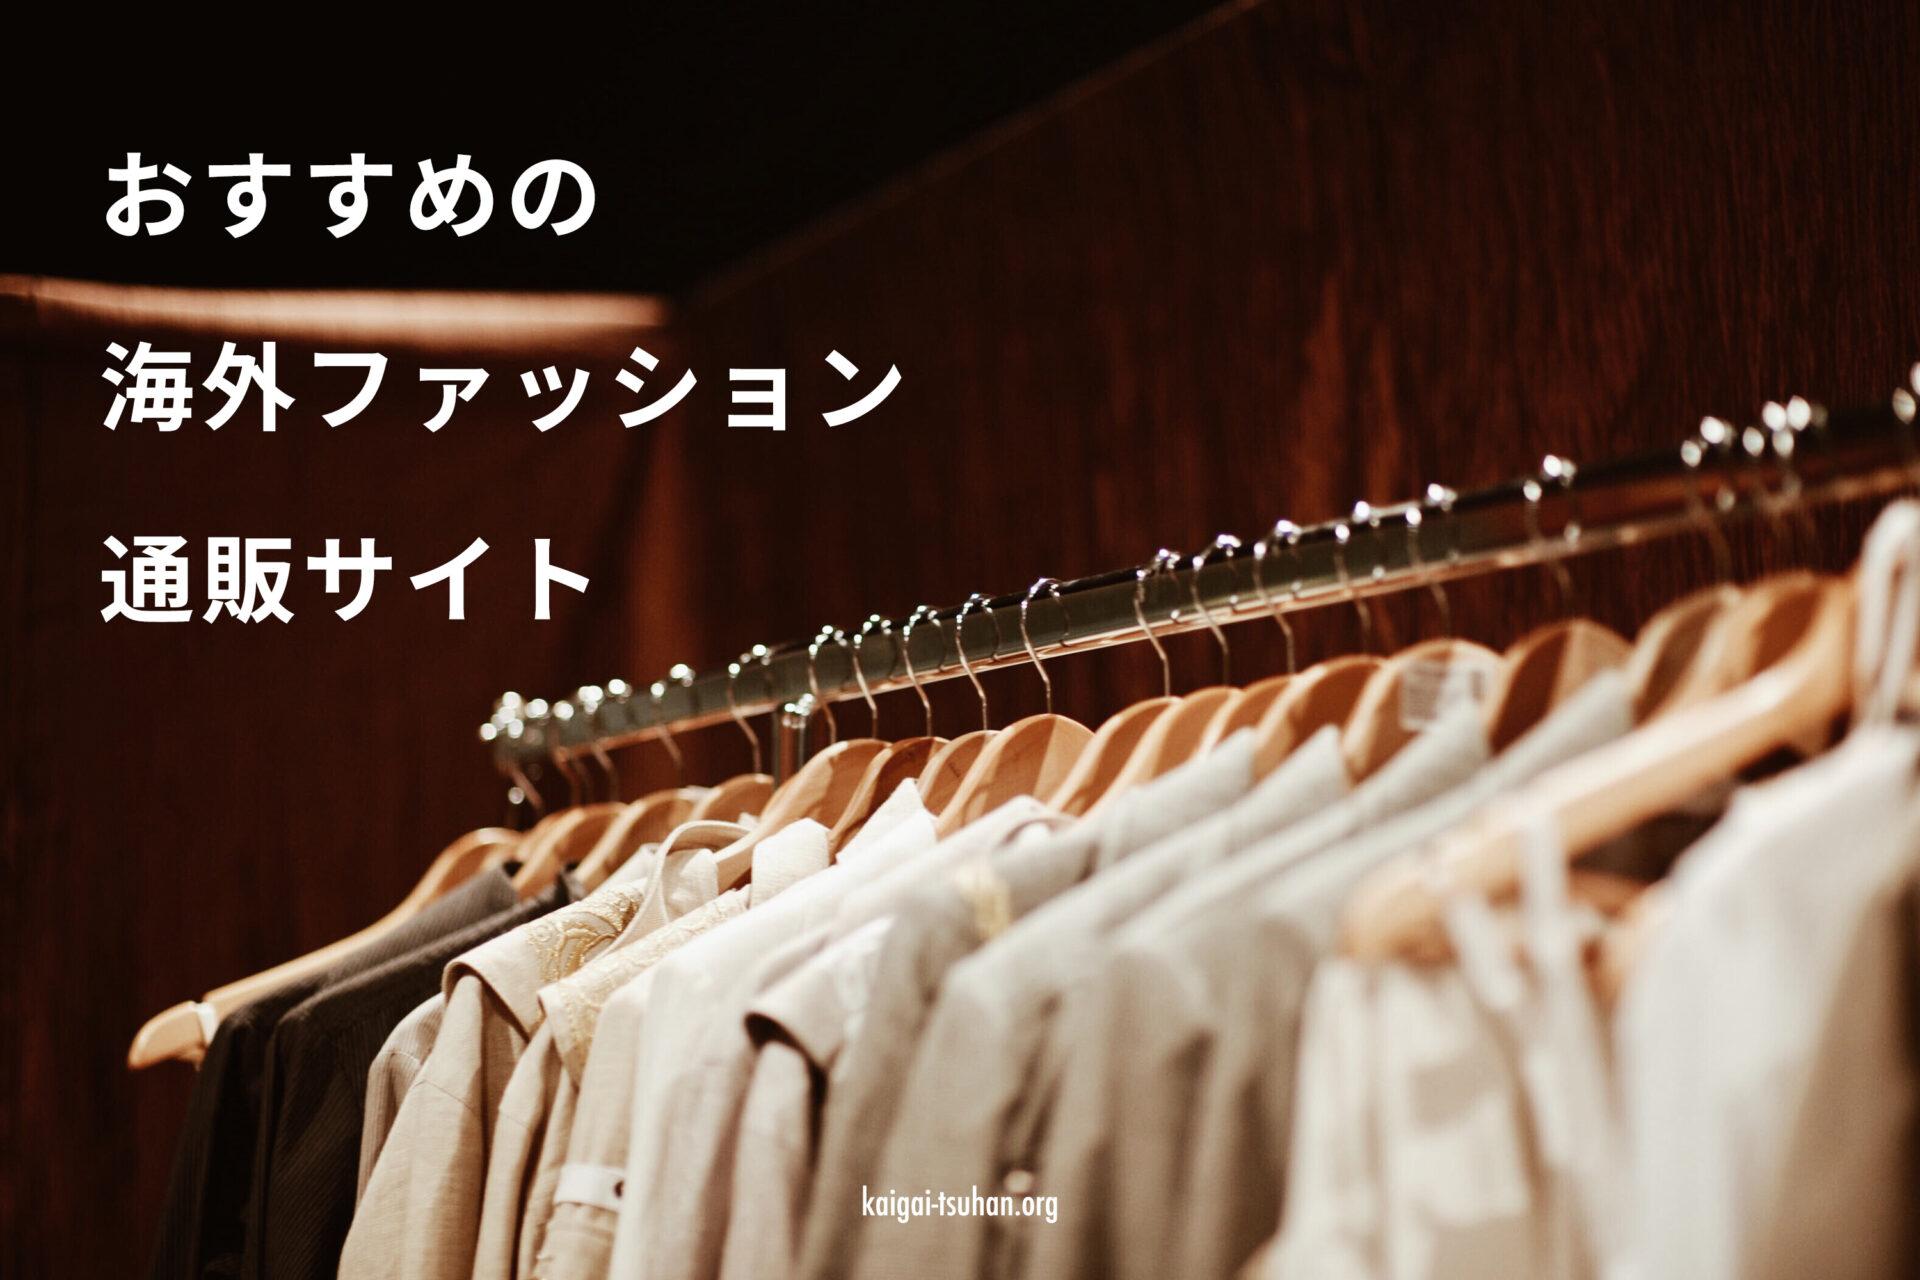 おすすめの海外ファッション通販サイトをPickUp!